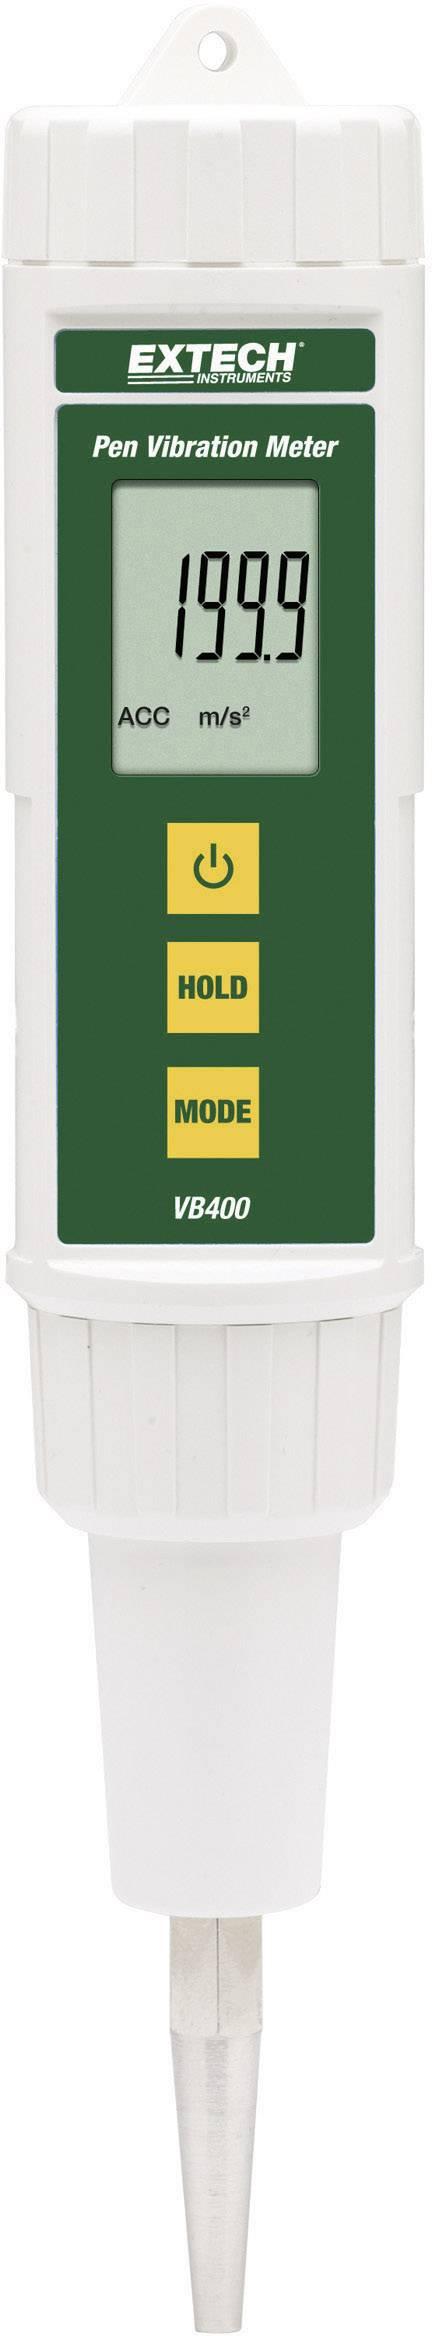 Prístroj na meranie vibrácií Extech VB400